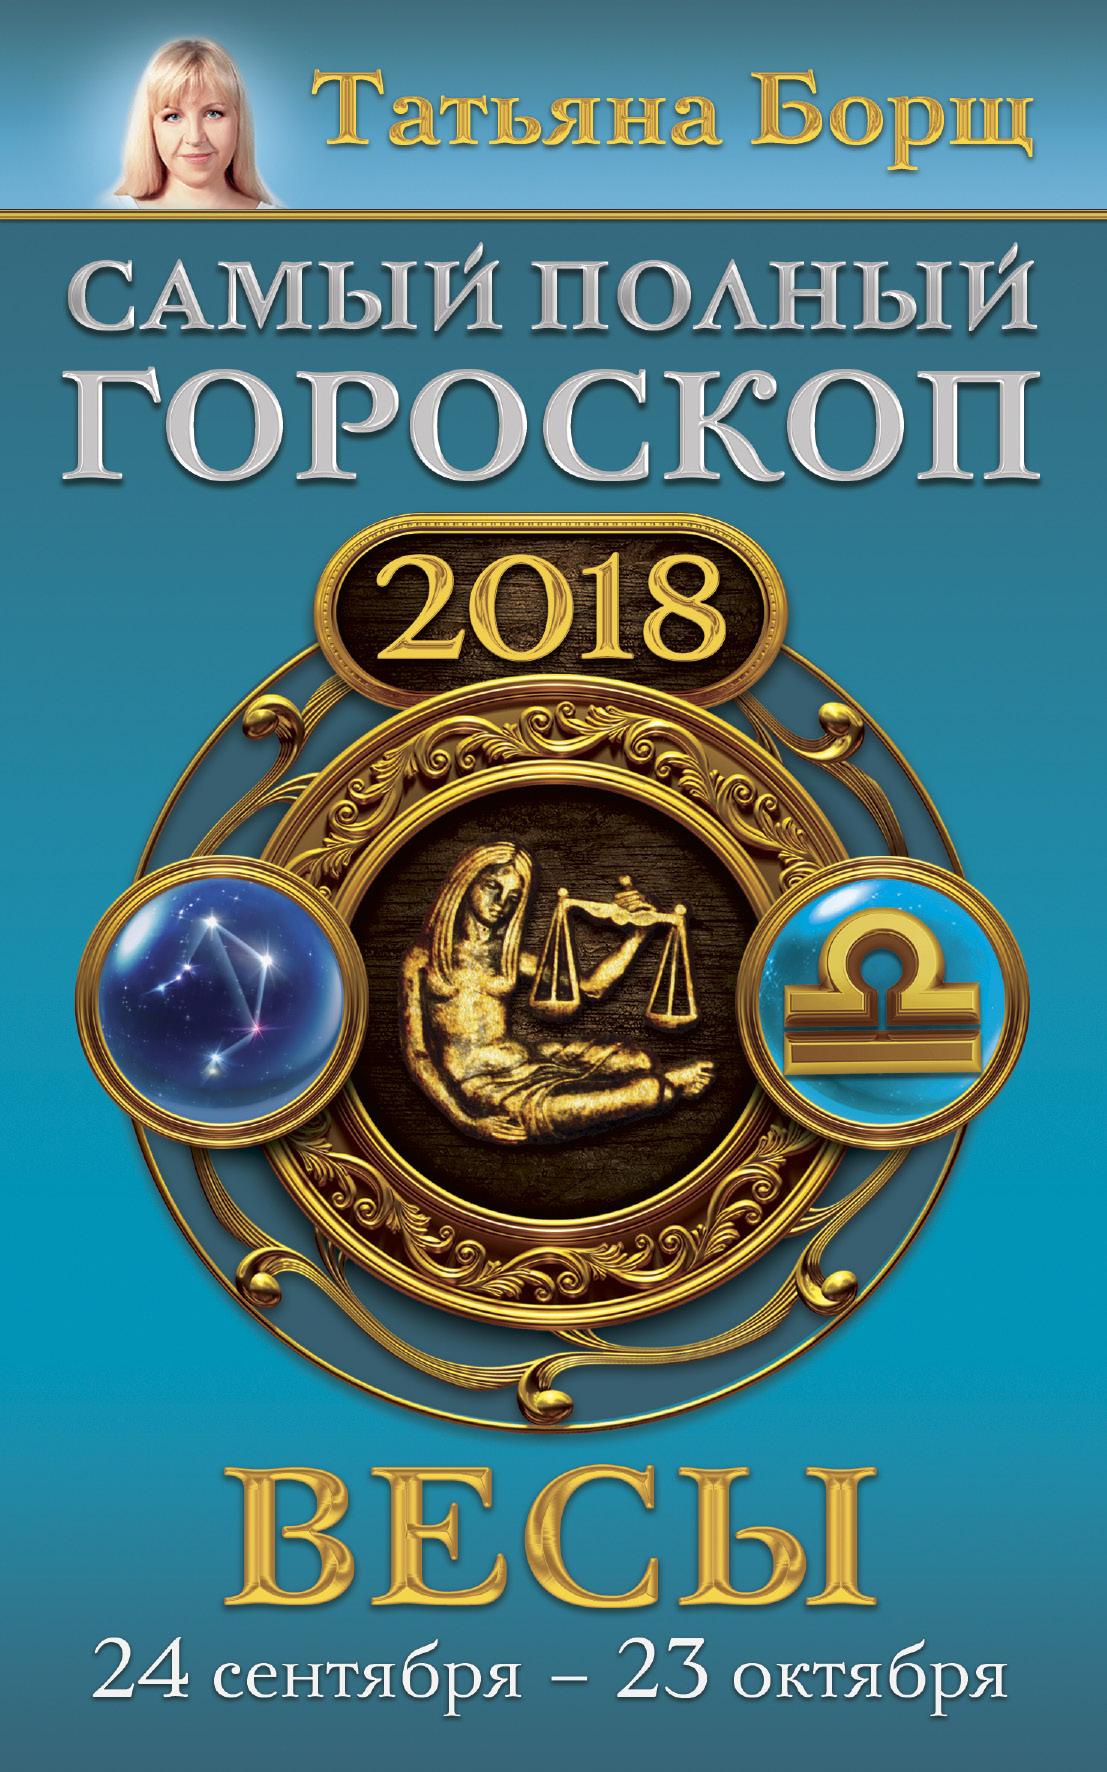 Весы. Самый полный гороскоп на 2018 год. 24 сентября - 23 октября ( Борщ Татьяна  )